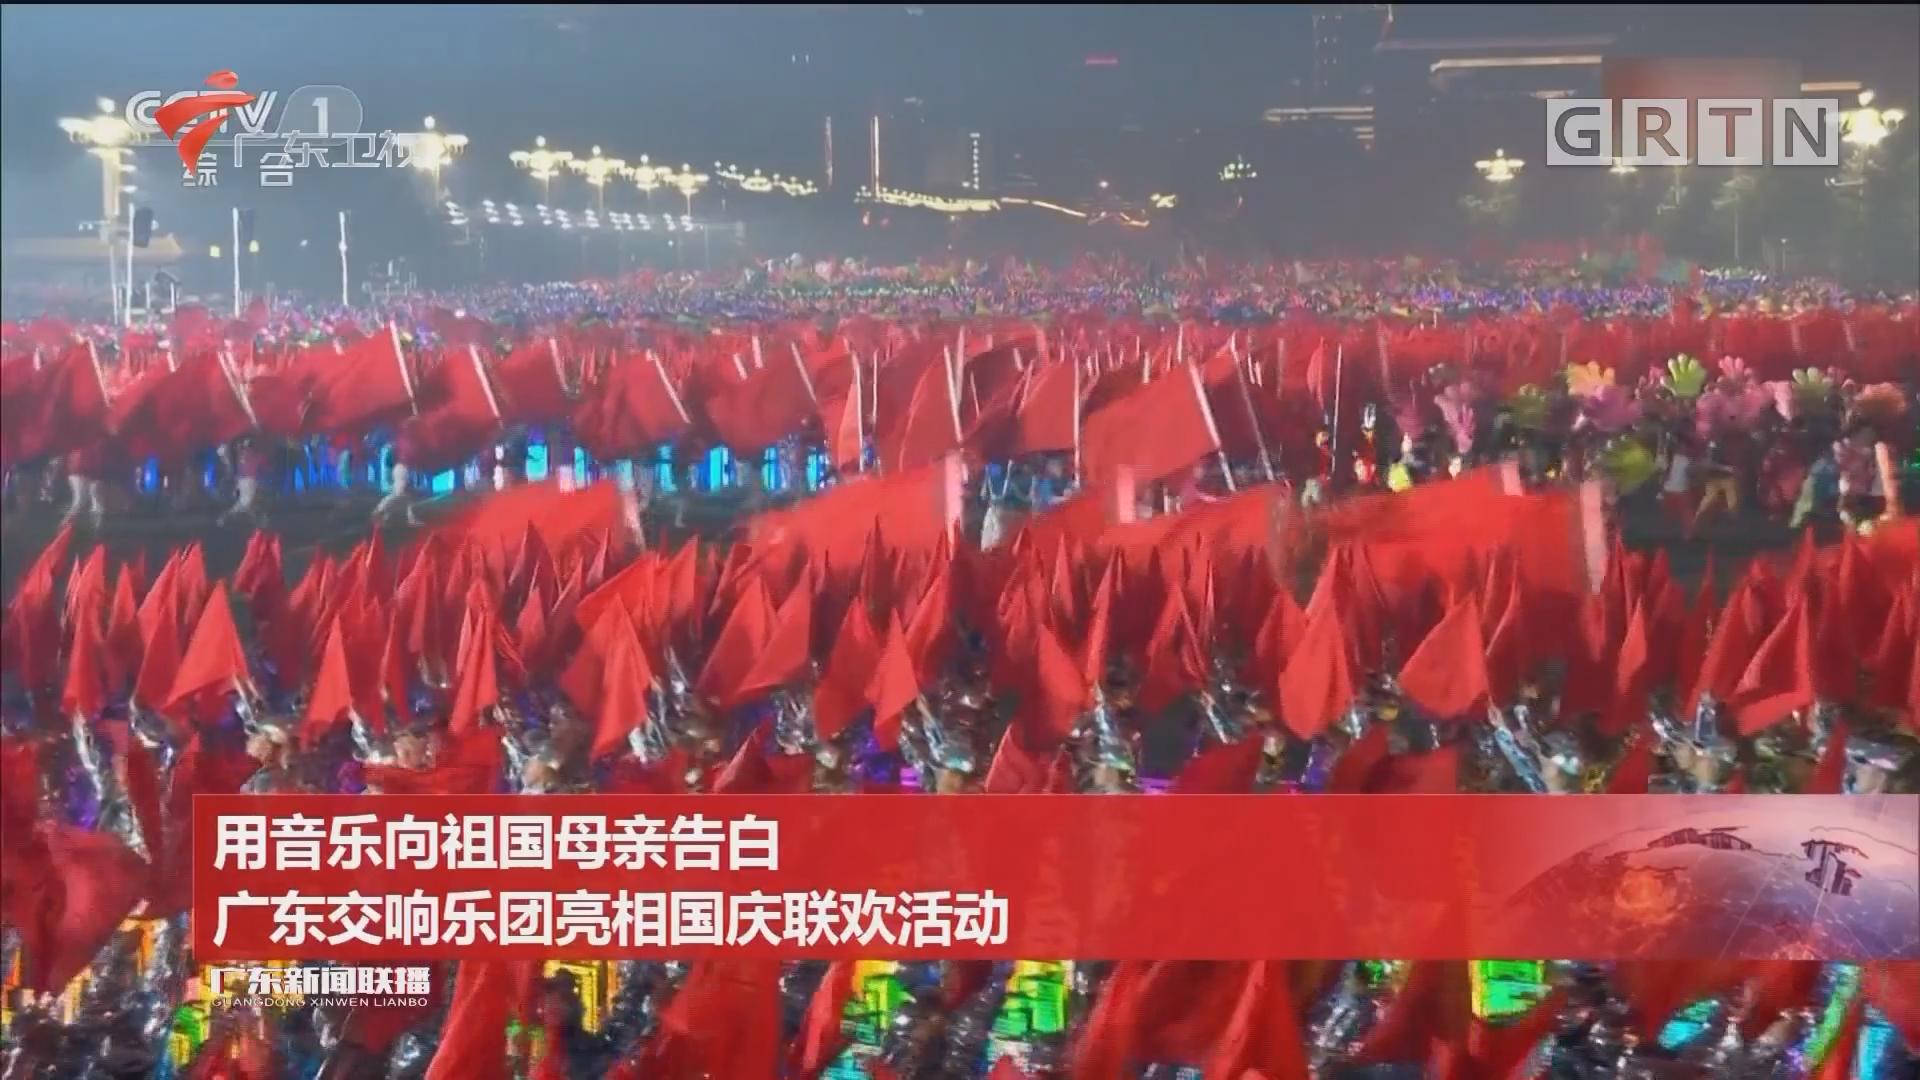 用音乐向祖国母亲告白 广东交响乐团亮相国庆联欢活动